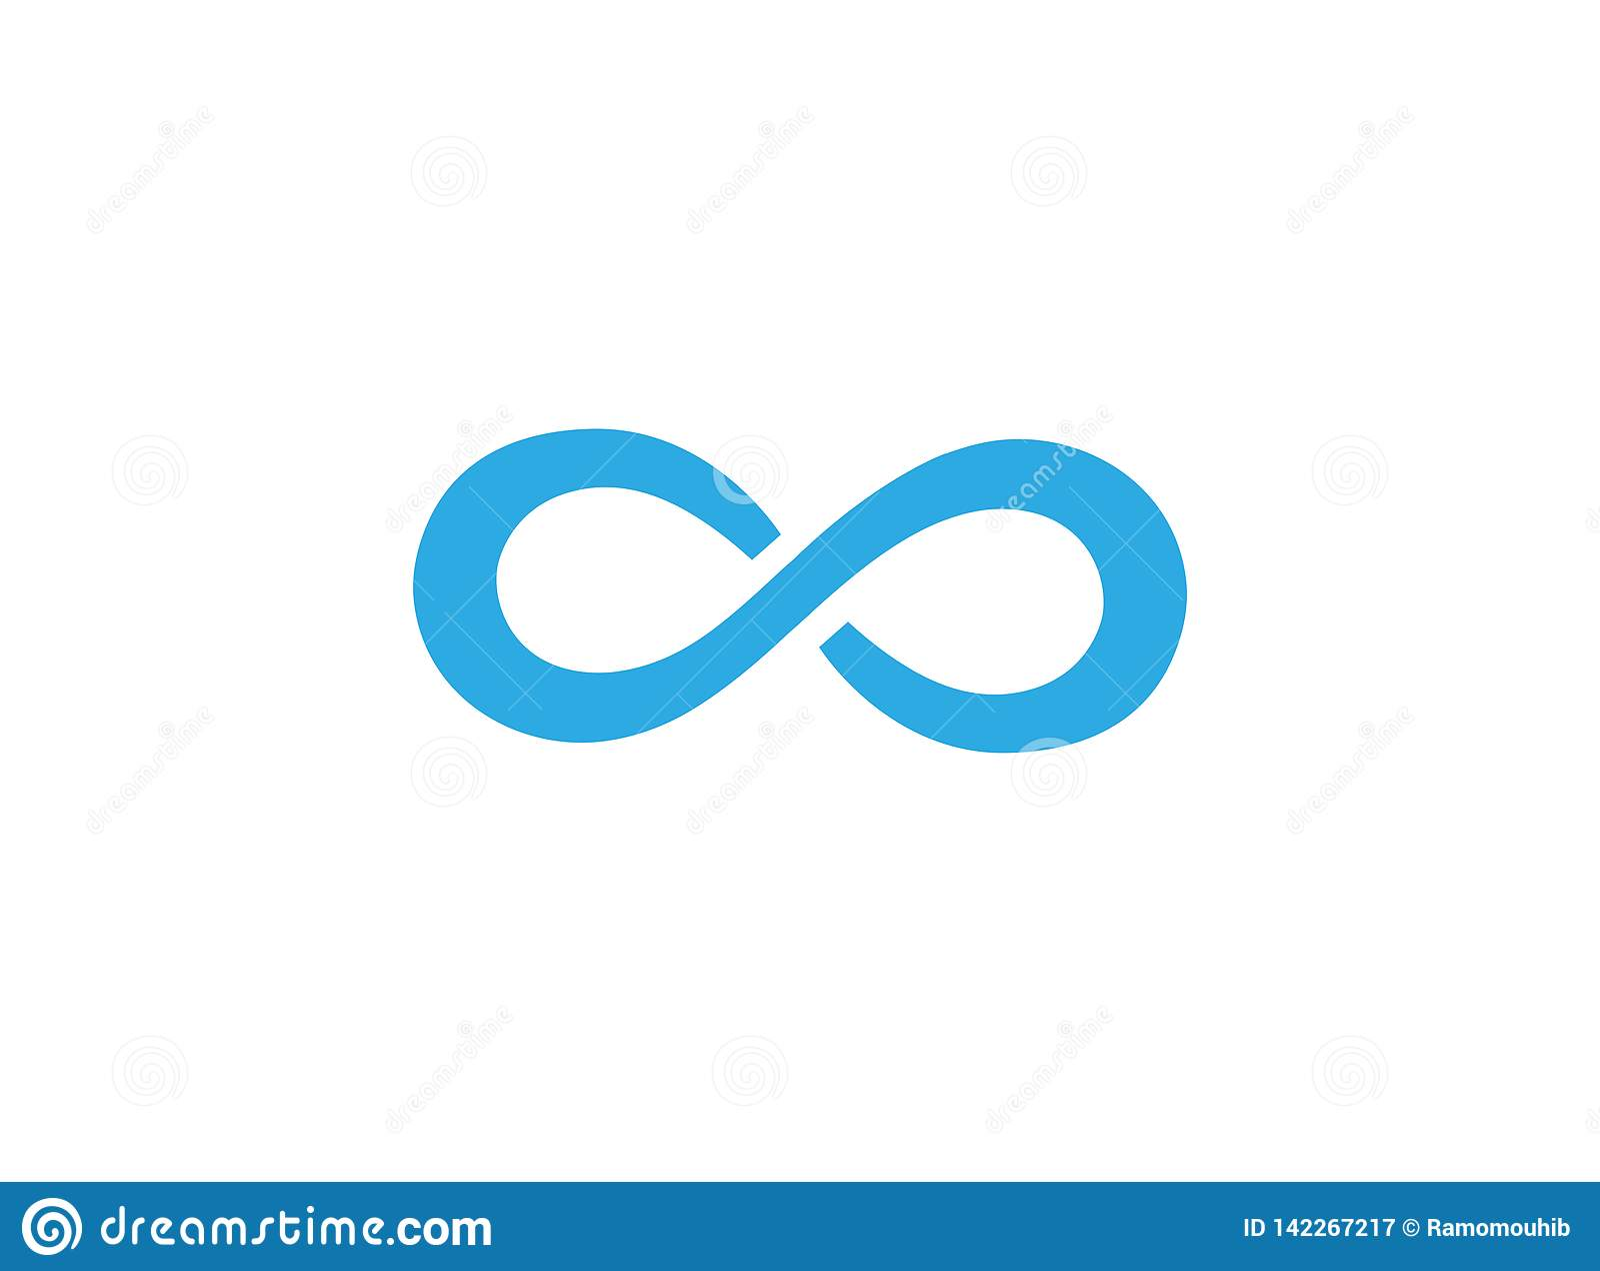 Μπλε δρόμος με πολλ ες στροφές για την απεικόνιση σχεδίου λογότυπων